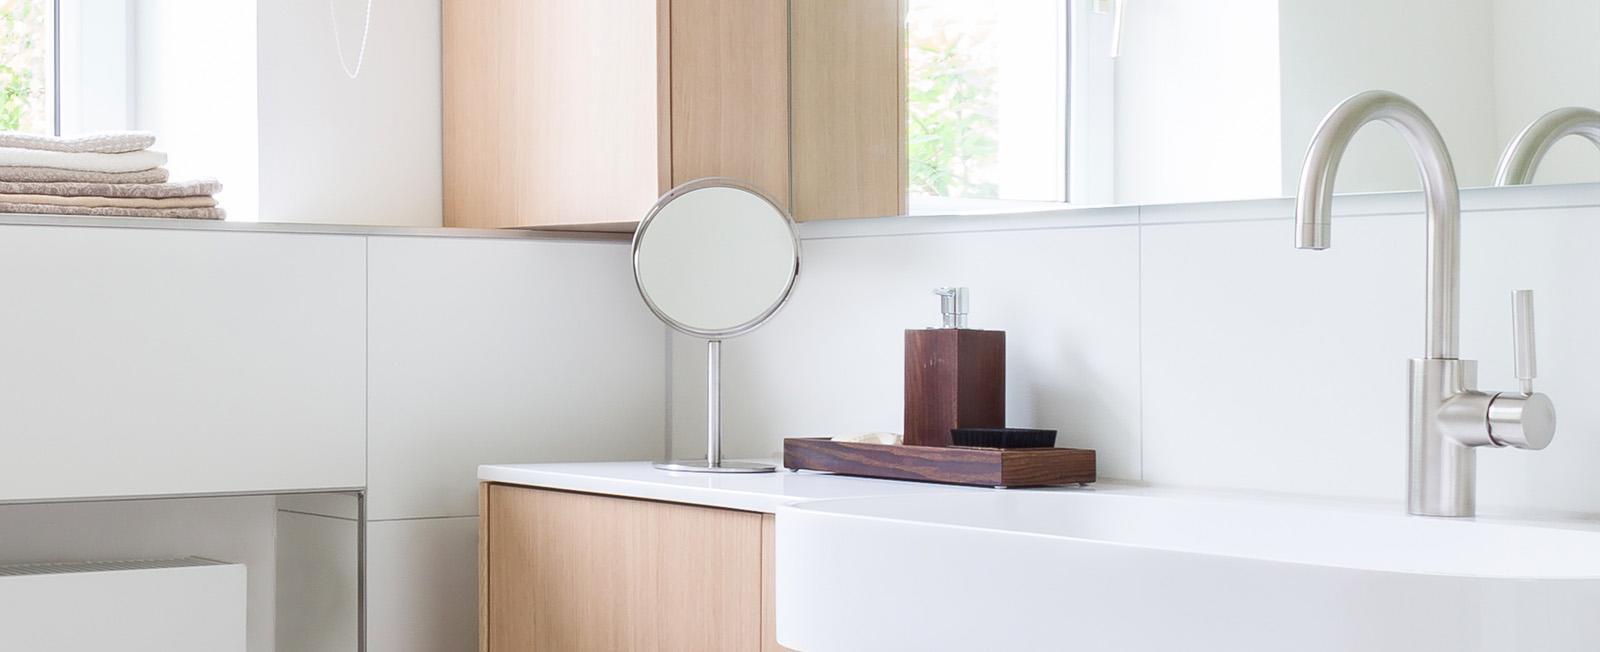 Referenzen: Kleine Badezimmer | Frick Badezimmer | Ulm